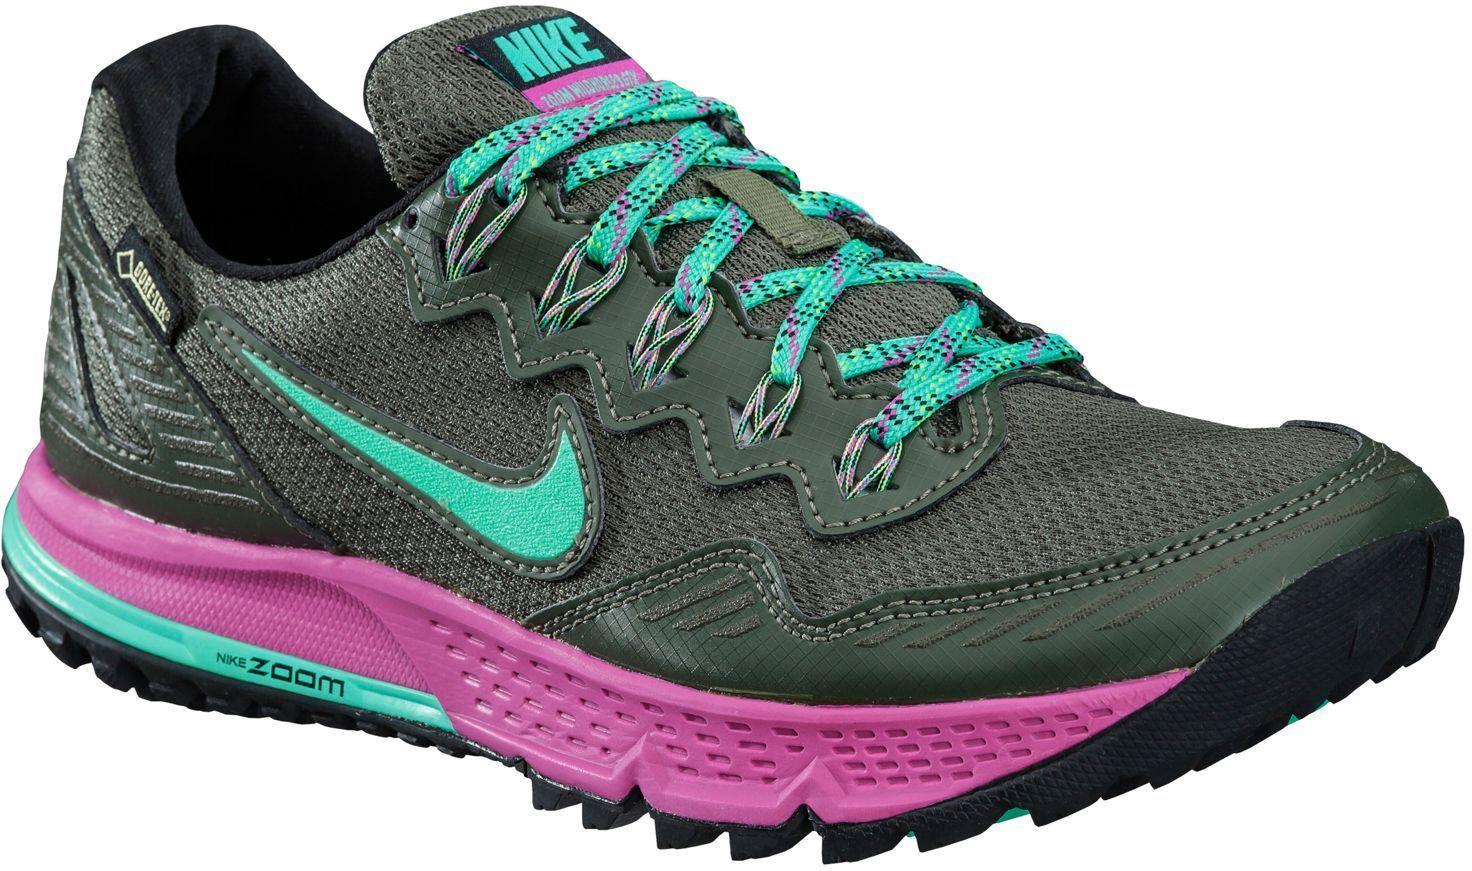 buy popular 99577 a8a52 Best pris på Nike Air Zoom Wildhorse 3 GTX (Dame) - Se priser før kjøp i  Prisguiden